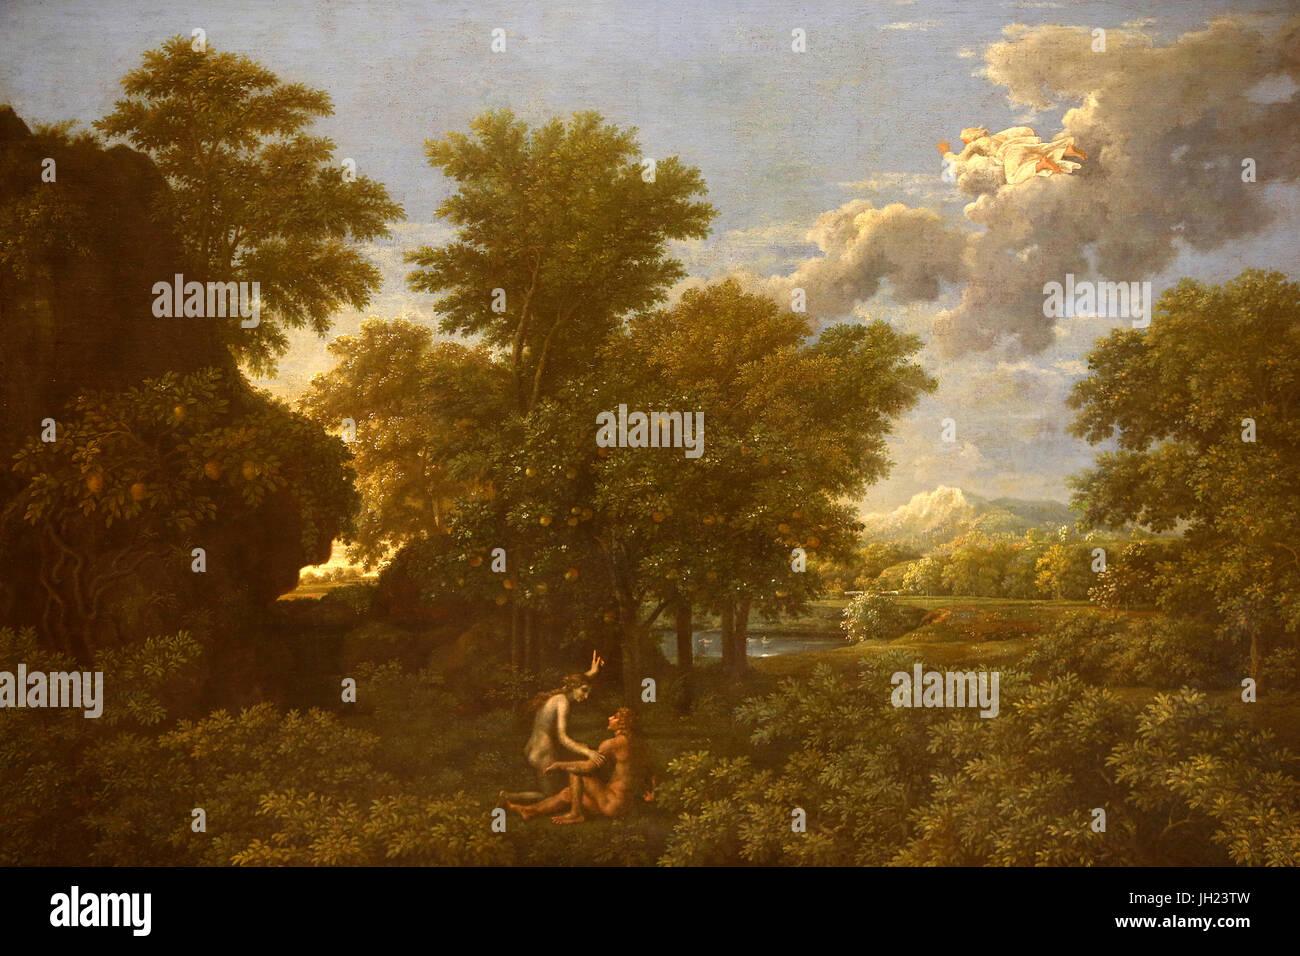 Musée du Louvre. Printemps ou le paradis sur terre. Nicolas Poussin. 1660-1664. La France. La France. Photo Stock